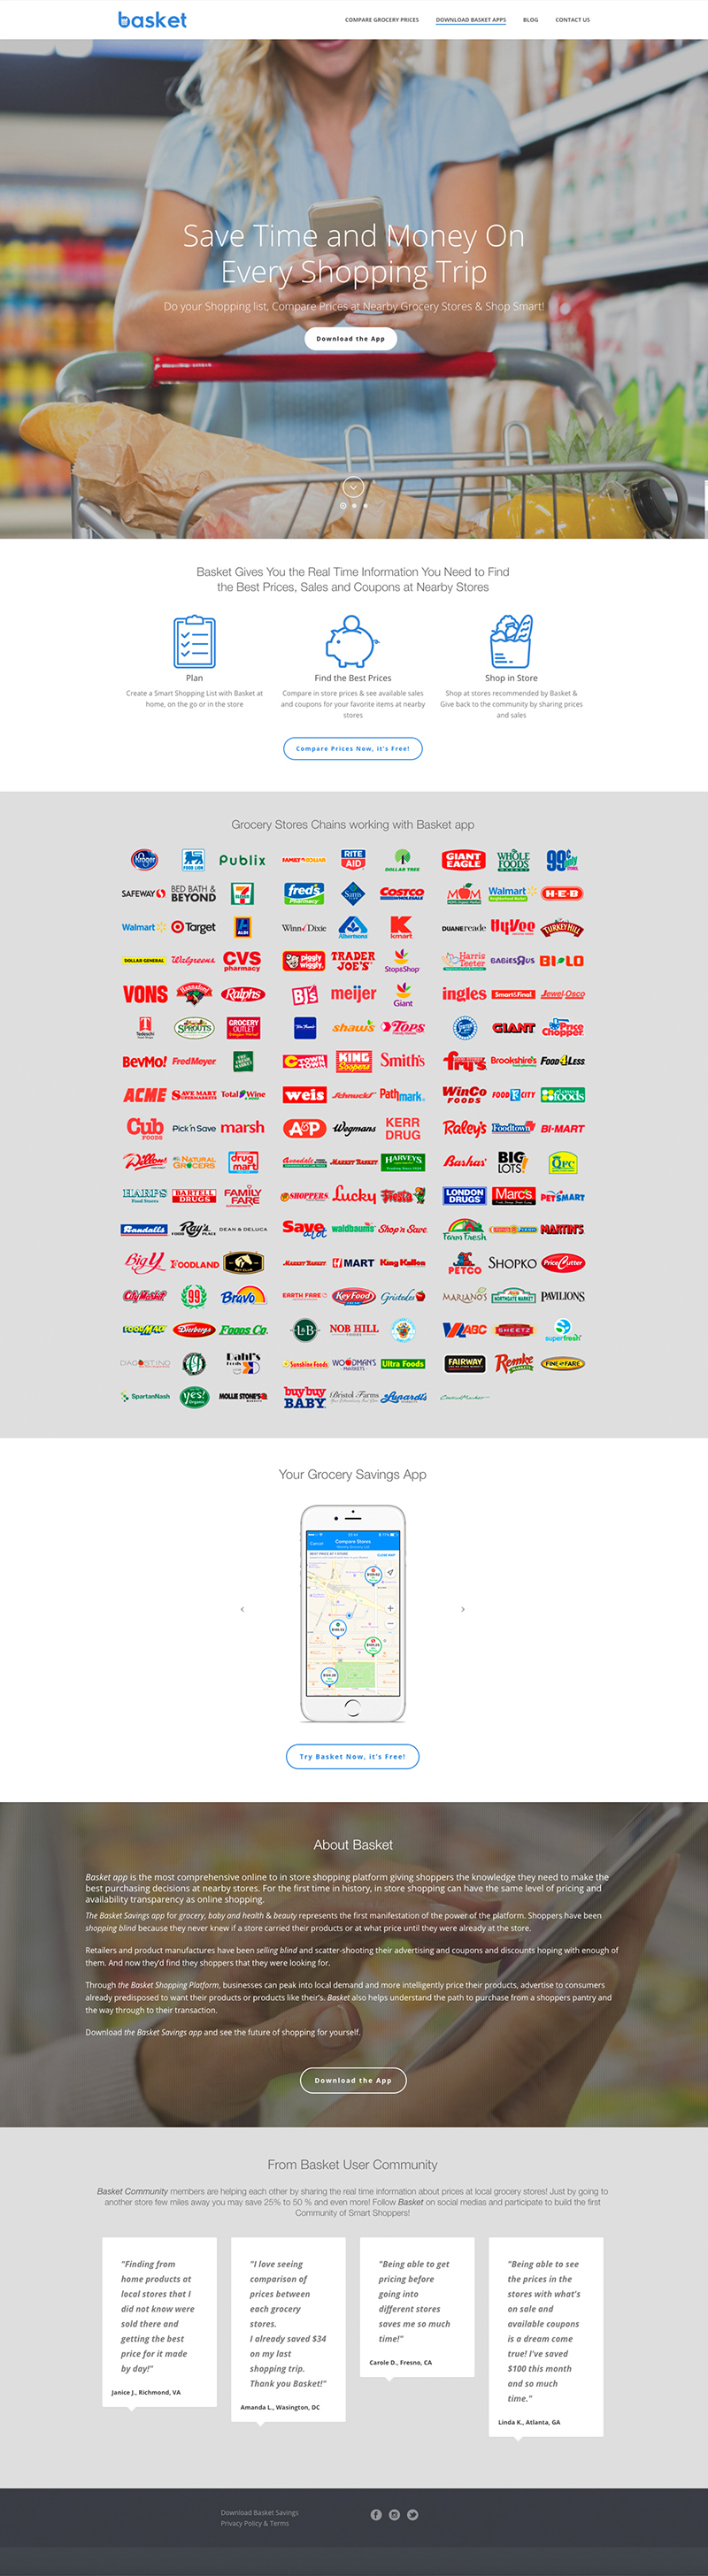 site-internet-vitrine-website-application-comparateur-prix-liste-courses-basket-savings-app-autograff-graphiste-freelance-toulouse